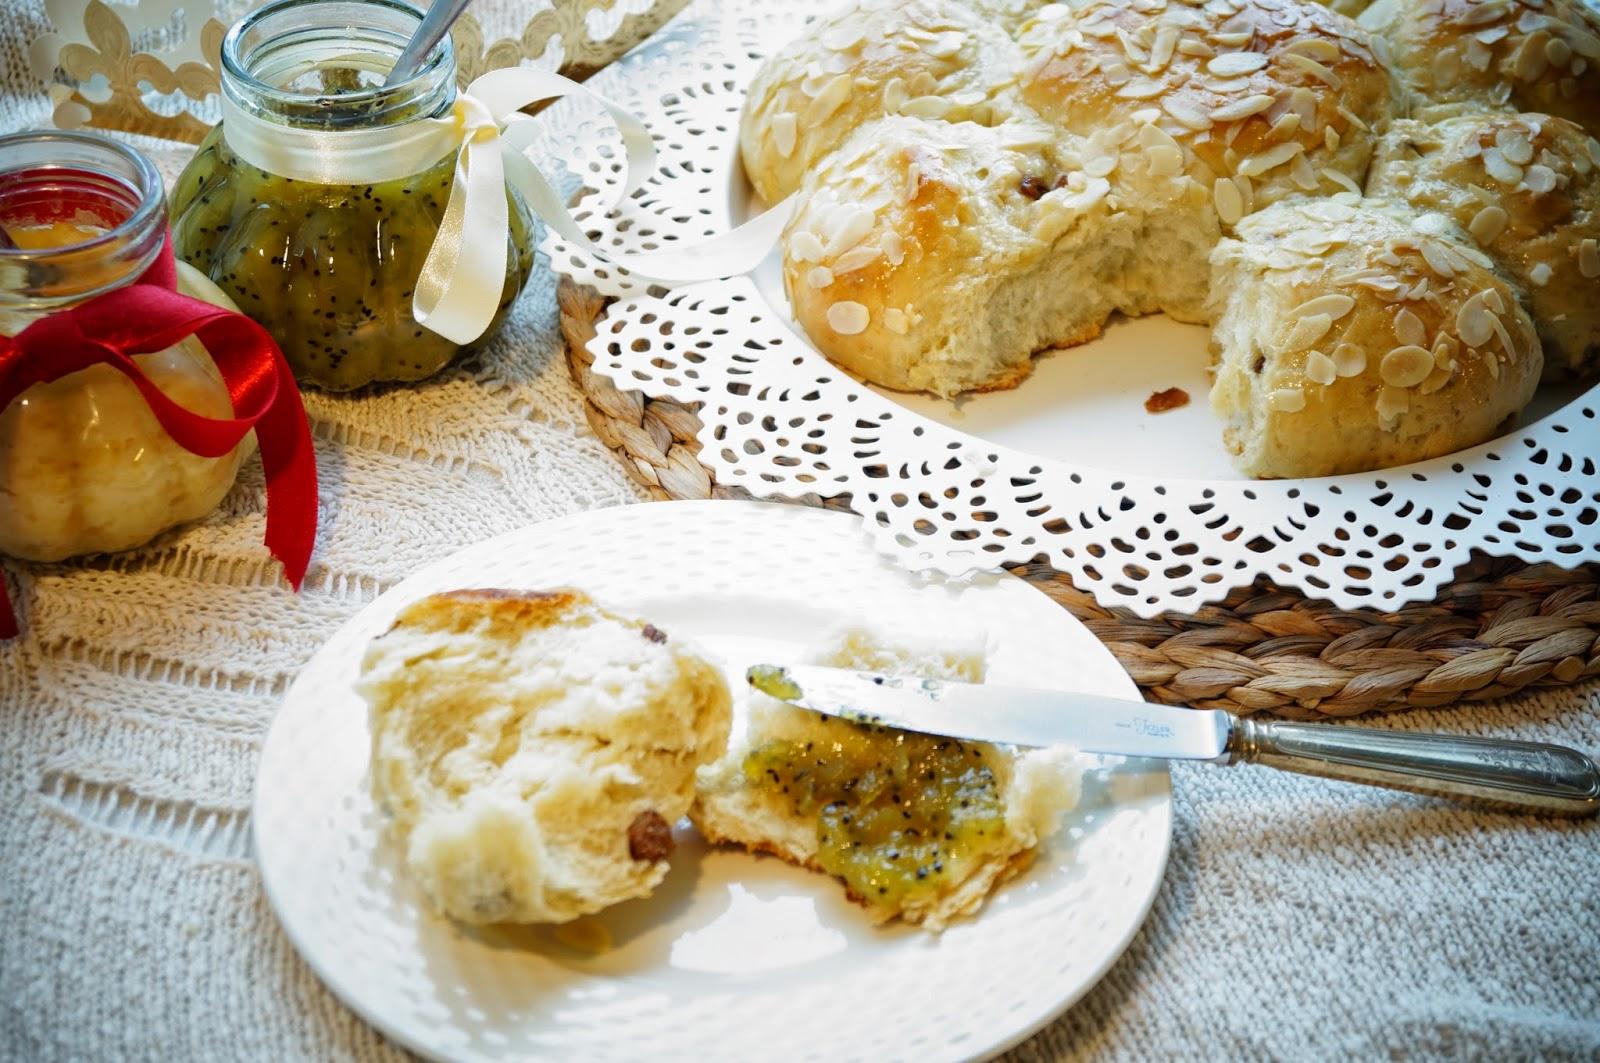 Knusperkabinett Dreikonigskuchen Vegan Mit Ananas Marzipan